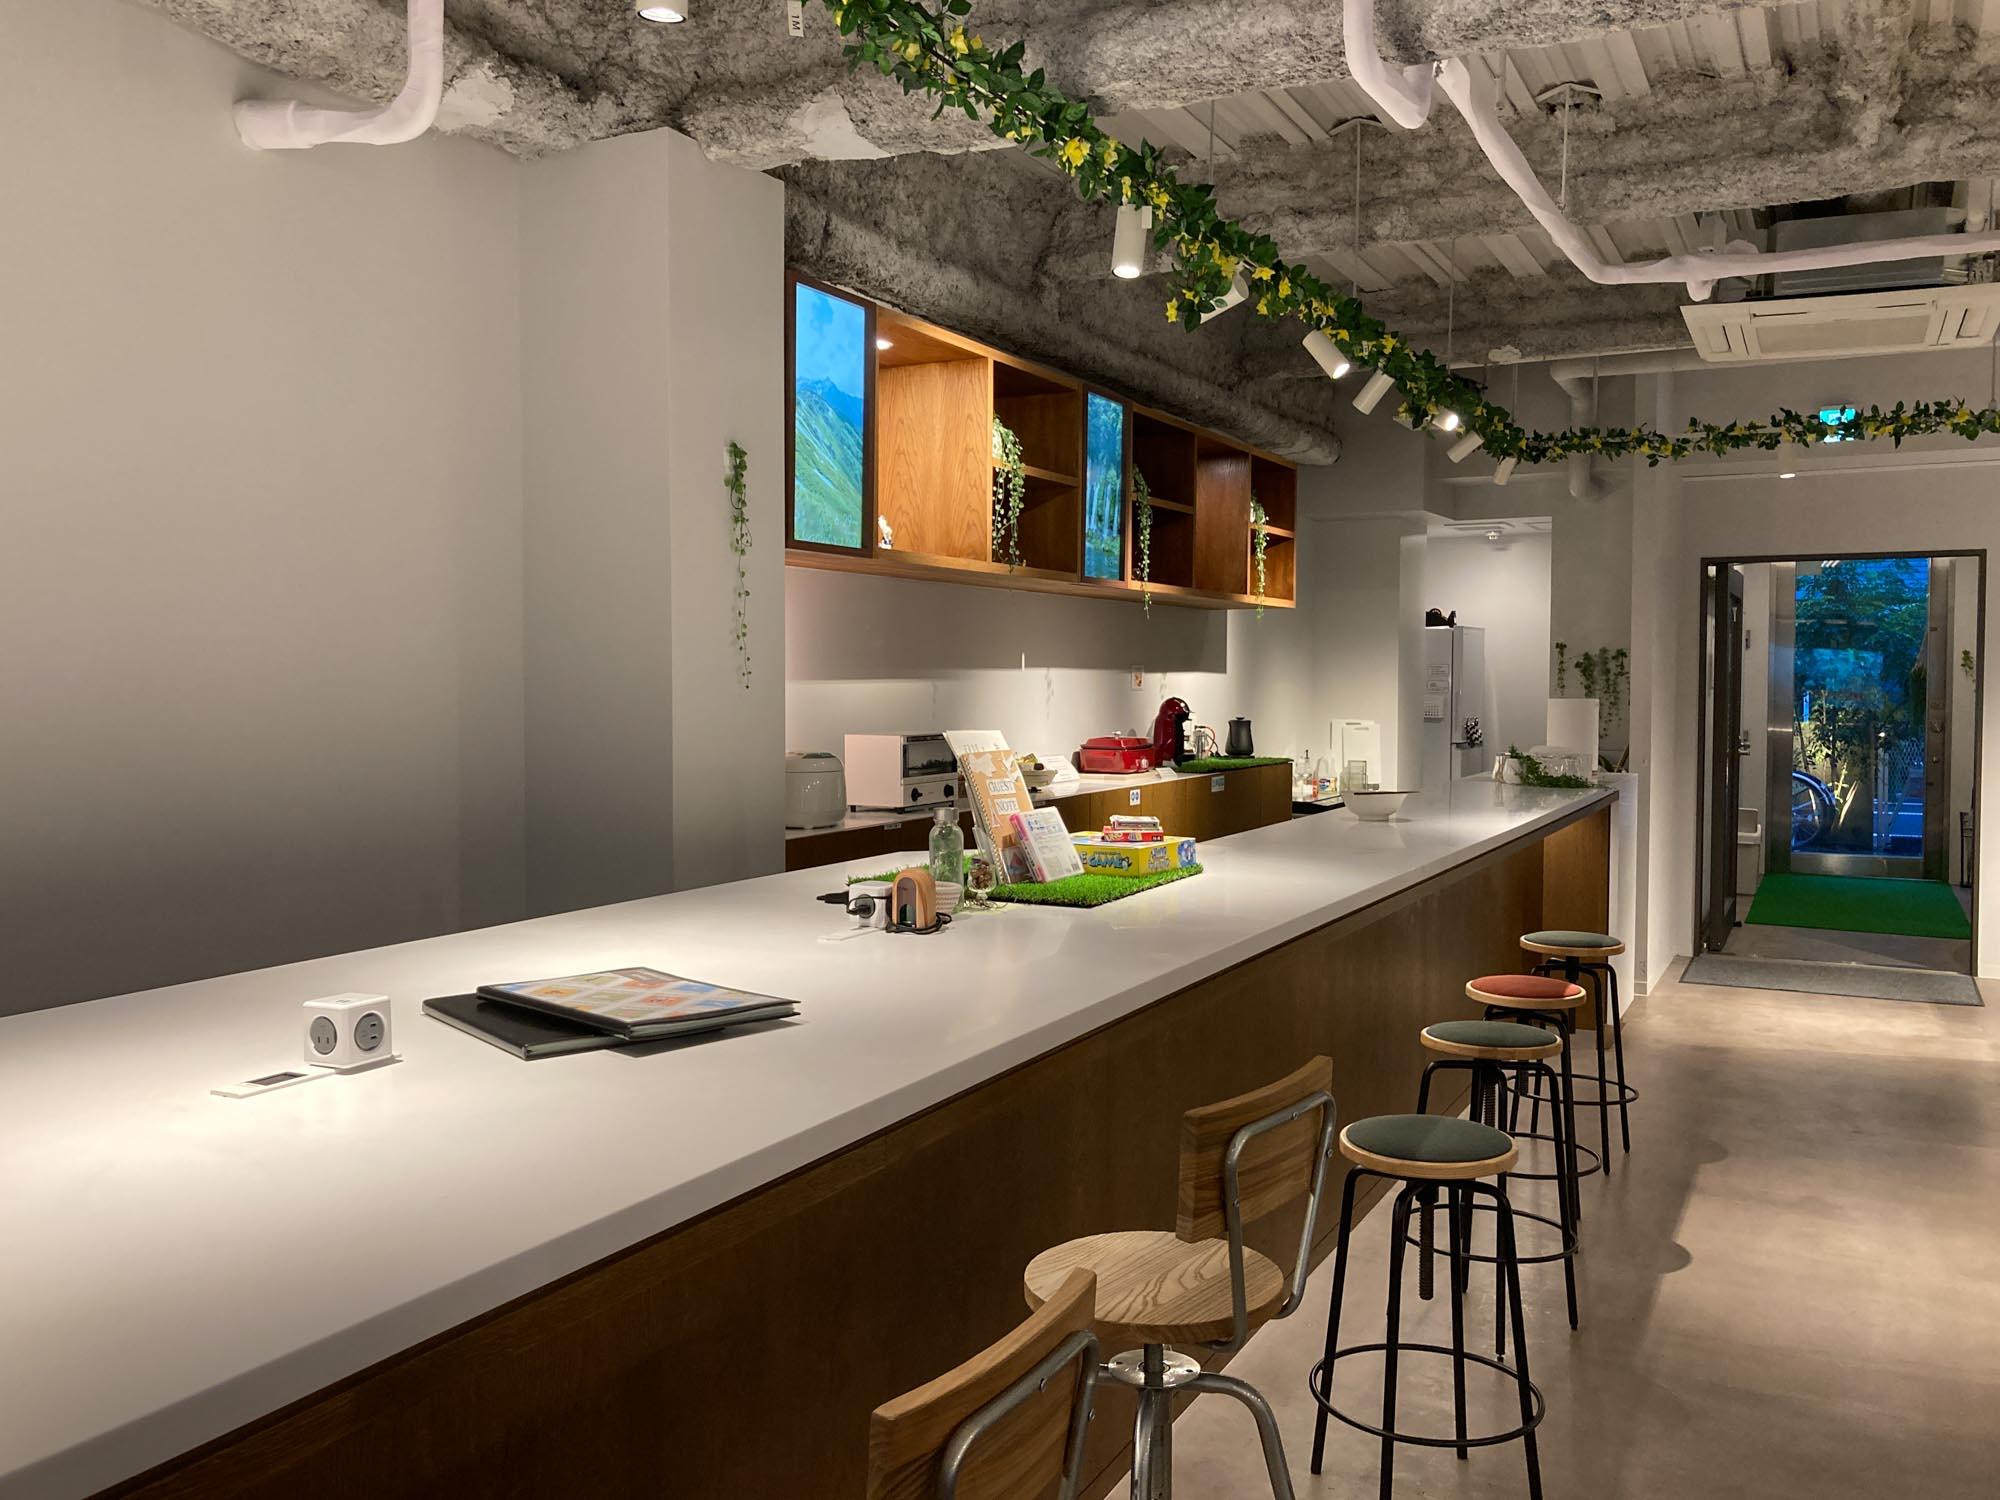 こじんまりとしたホステルですが、1階フロントの奥には宿泊者がゆっくりできるラウンジが用意されています。